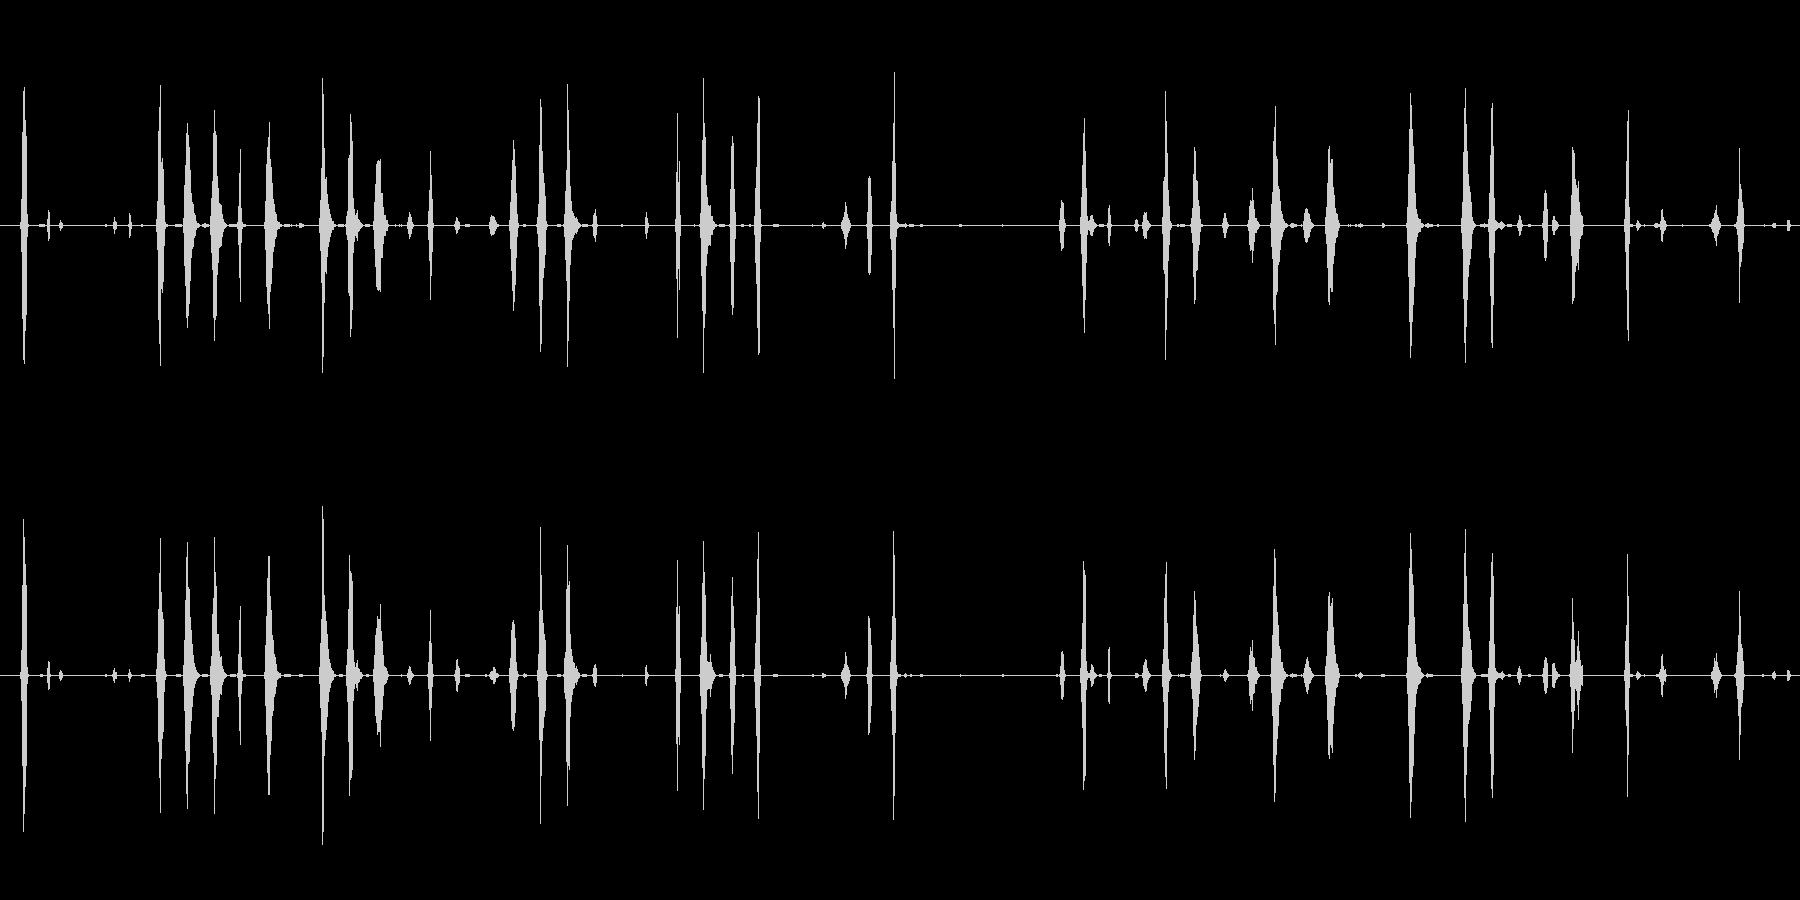 イメージ 電子鳥チャープロング02の未再生の波形